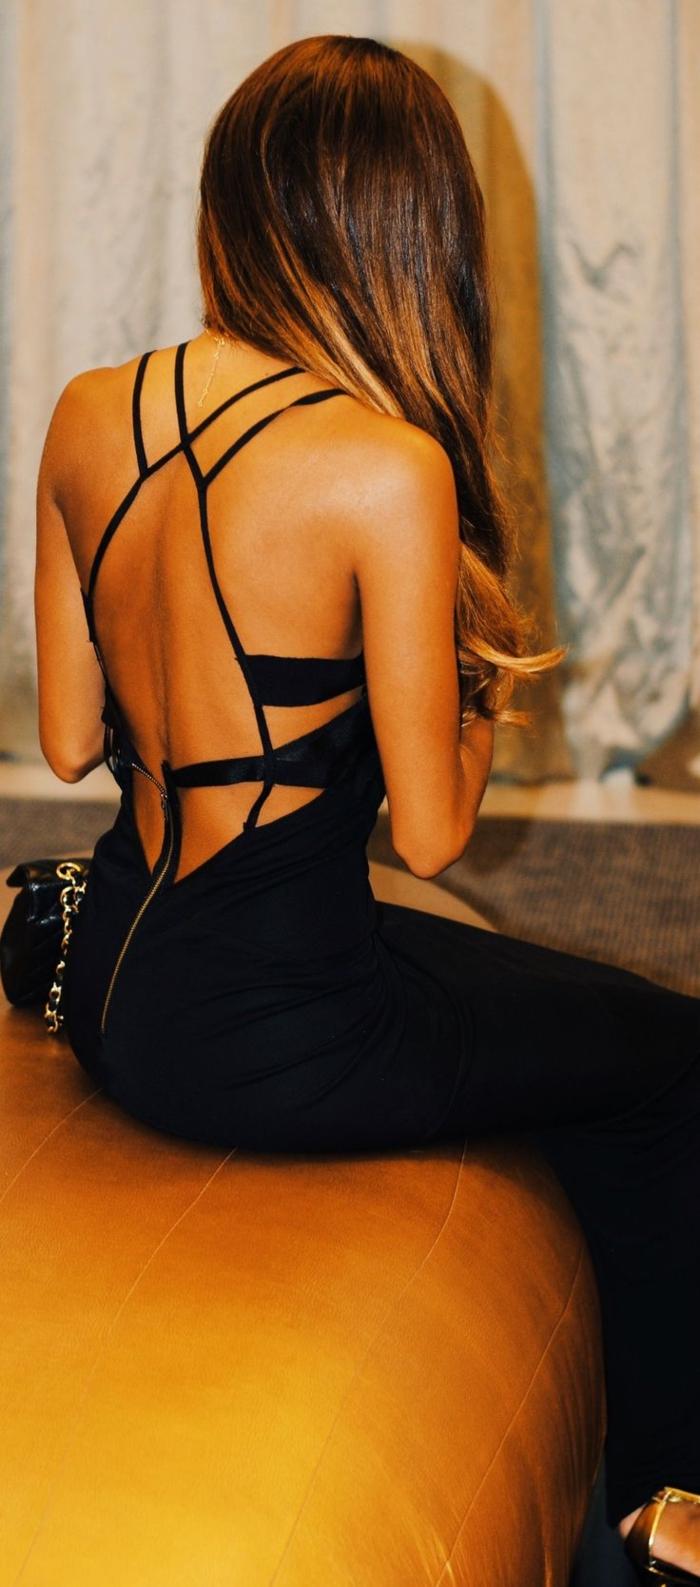 s-habiller-avec-style-class-tenue-de-soirée-robe-longue-dos-nue-noire-comment-adopter-tenue-chic-femme